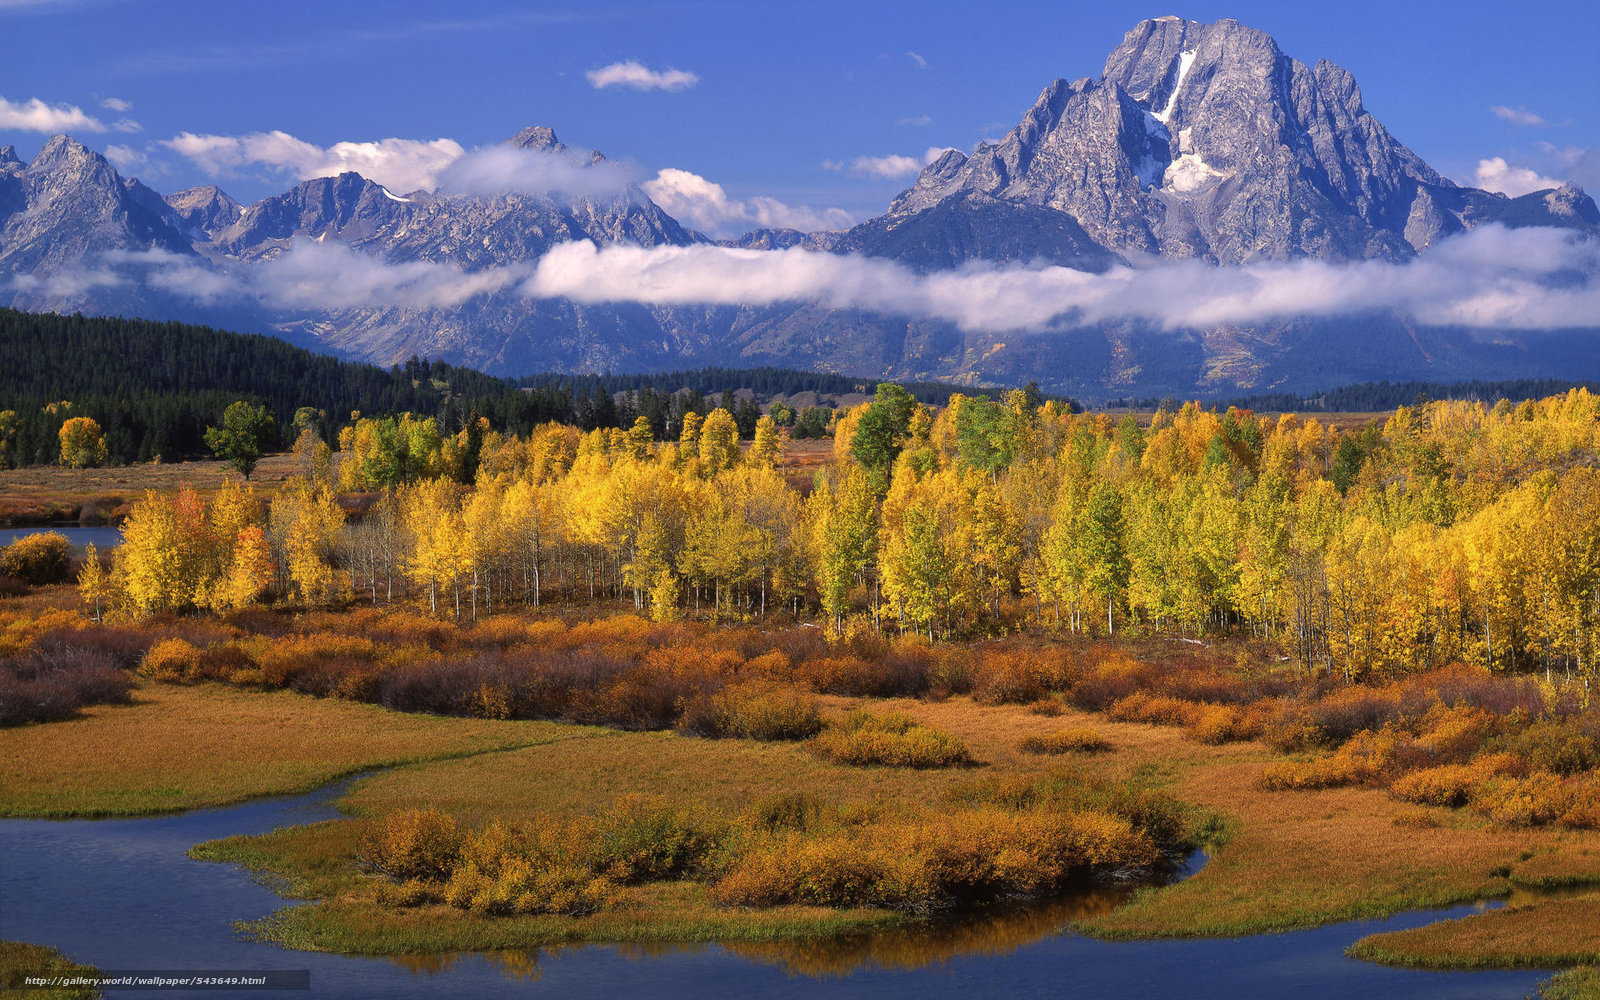 Aspen Tree Wallpaper Wallpapersafari HD Wallpapers Download Free Images Wallpaper [1000image.com]